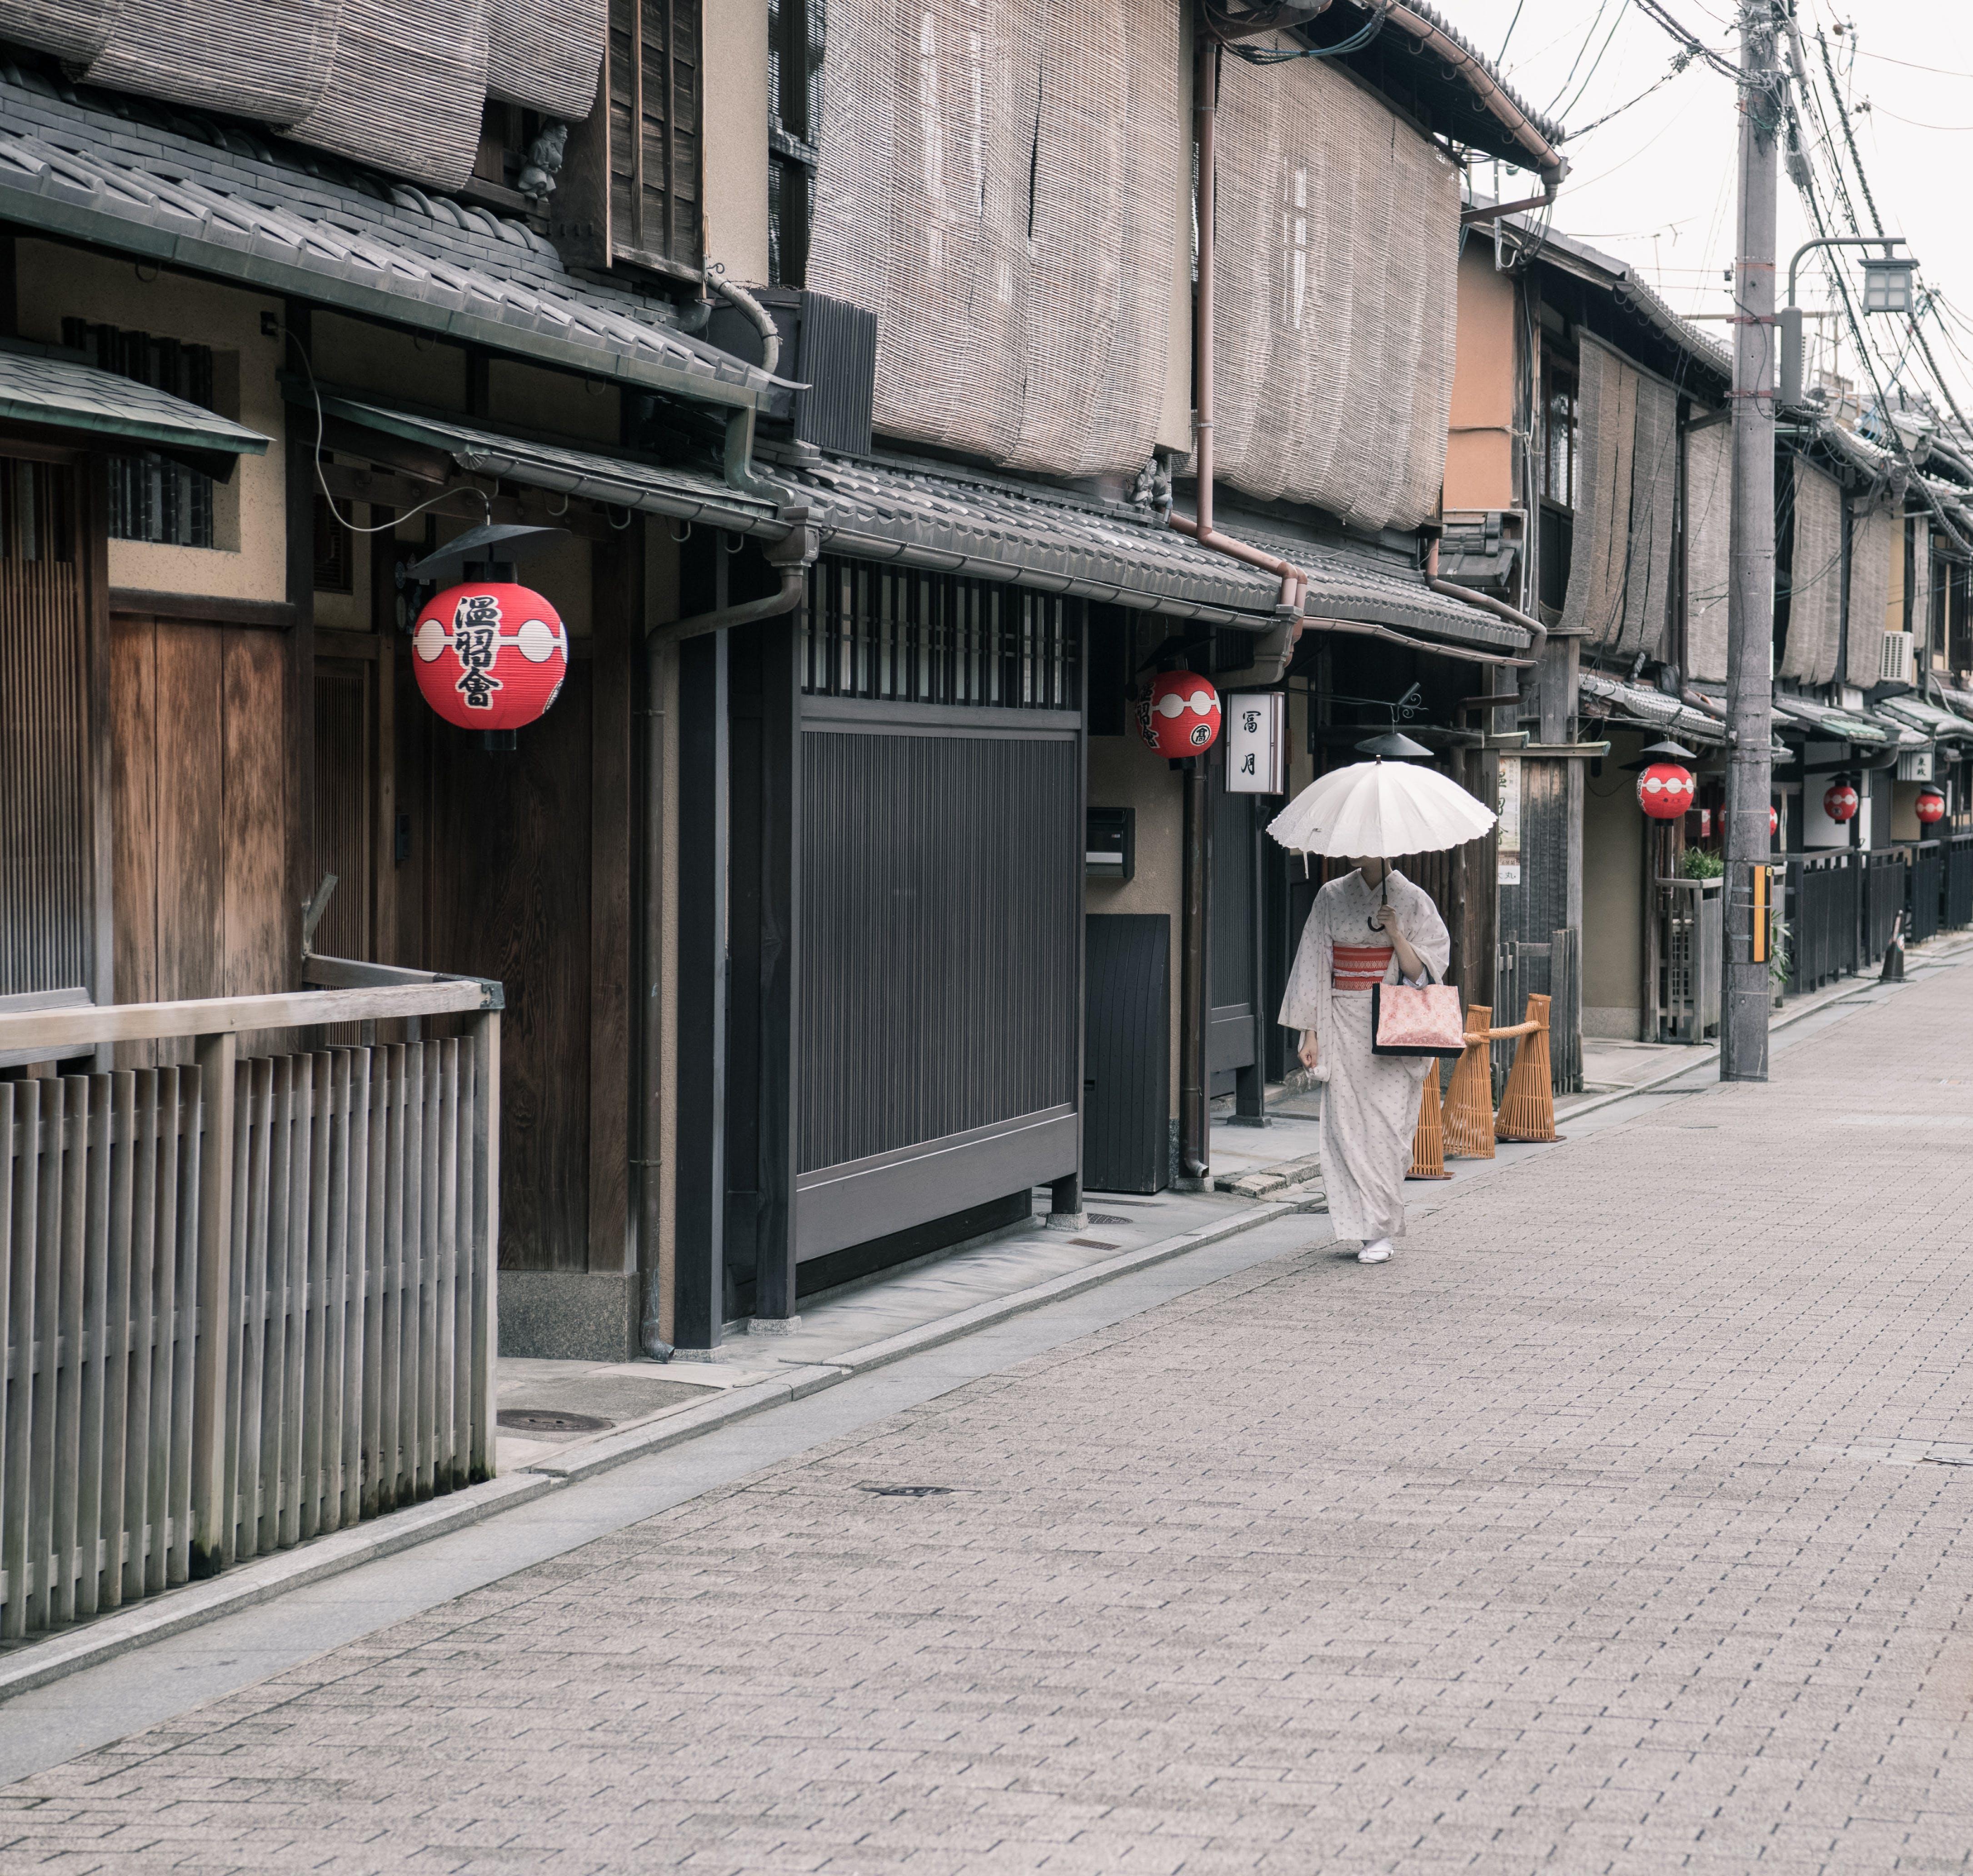 Woman Wearing White Kimono Dress Walking Near Road